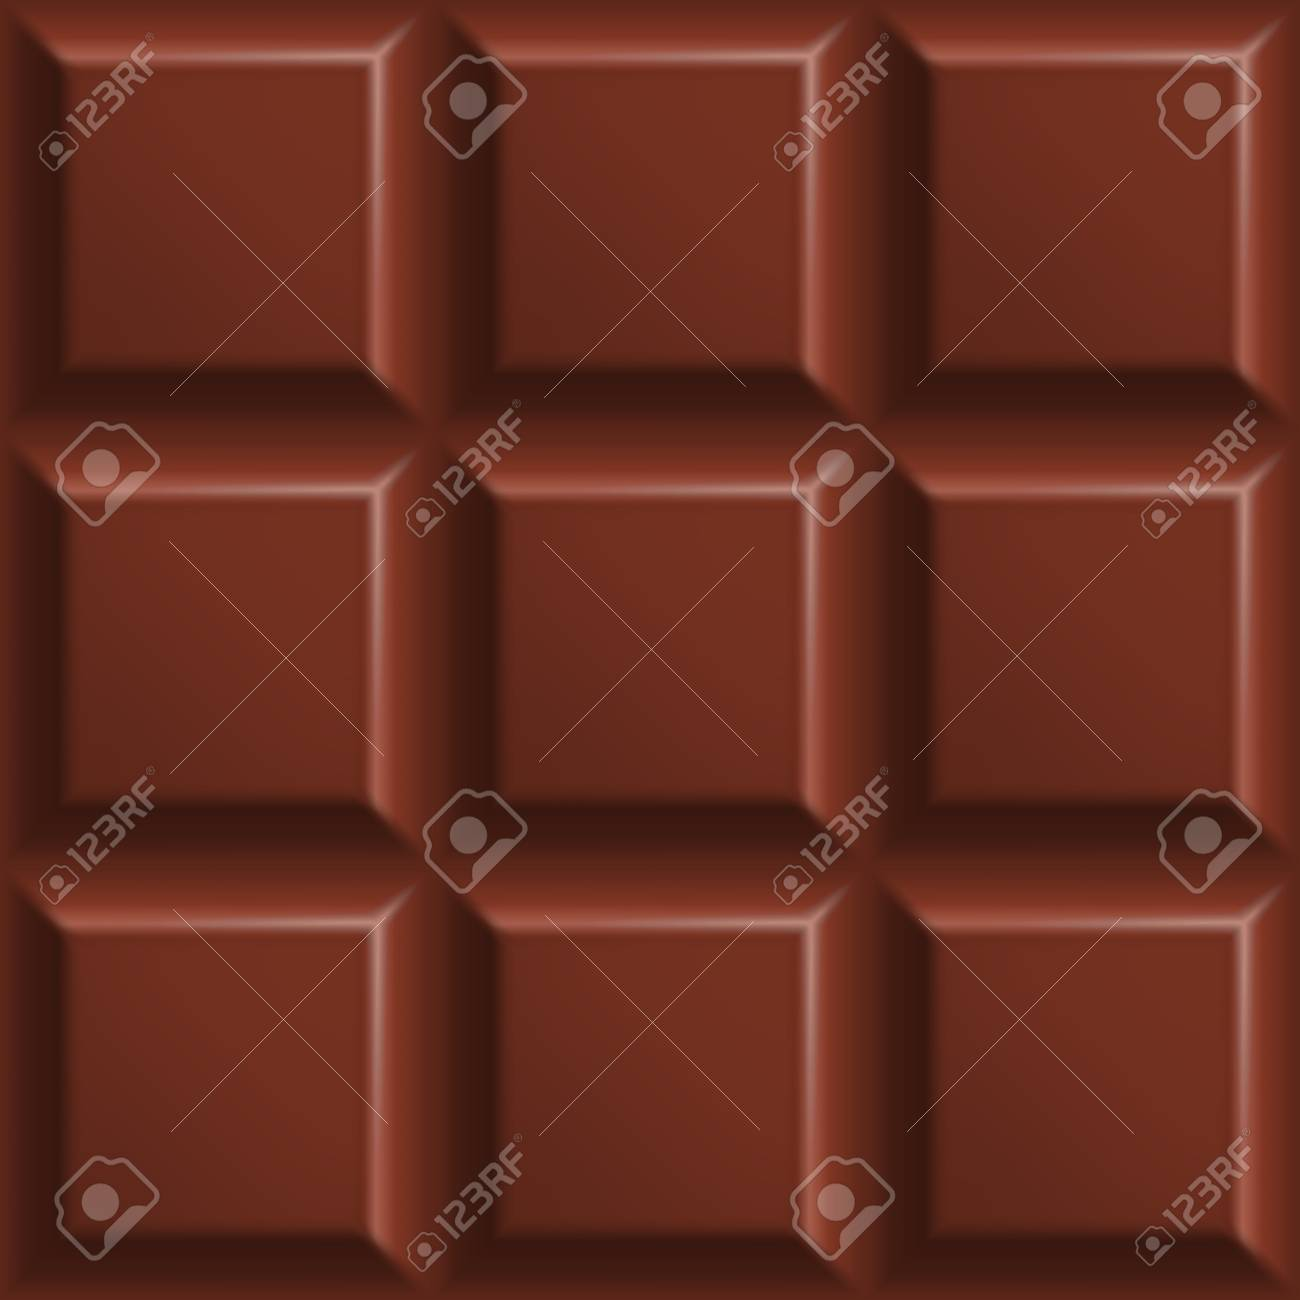 ミルクチョコレートシームレスパターン ミルクチョコレートの正方形の